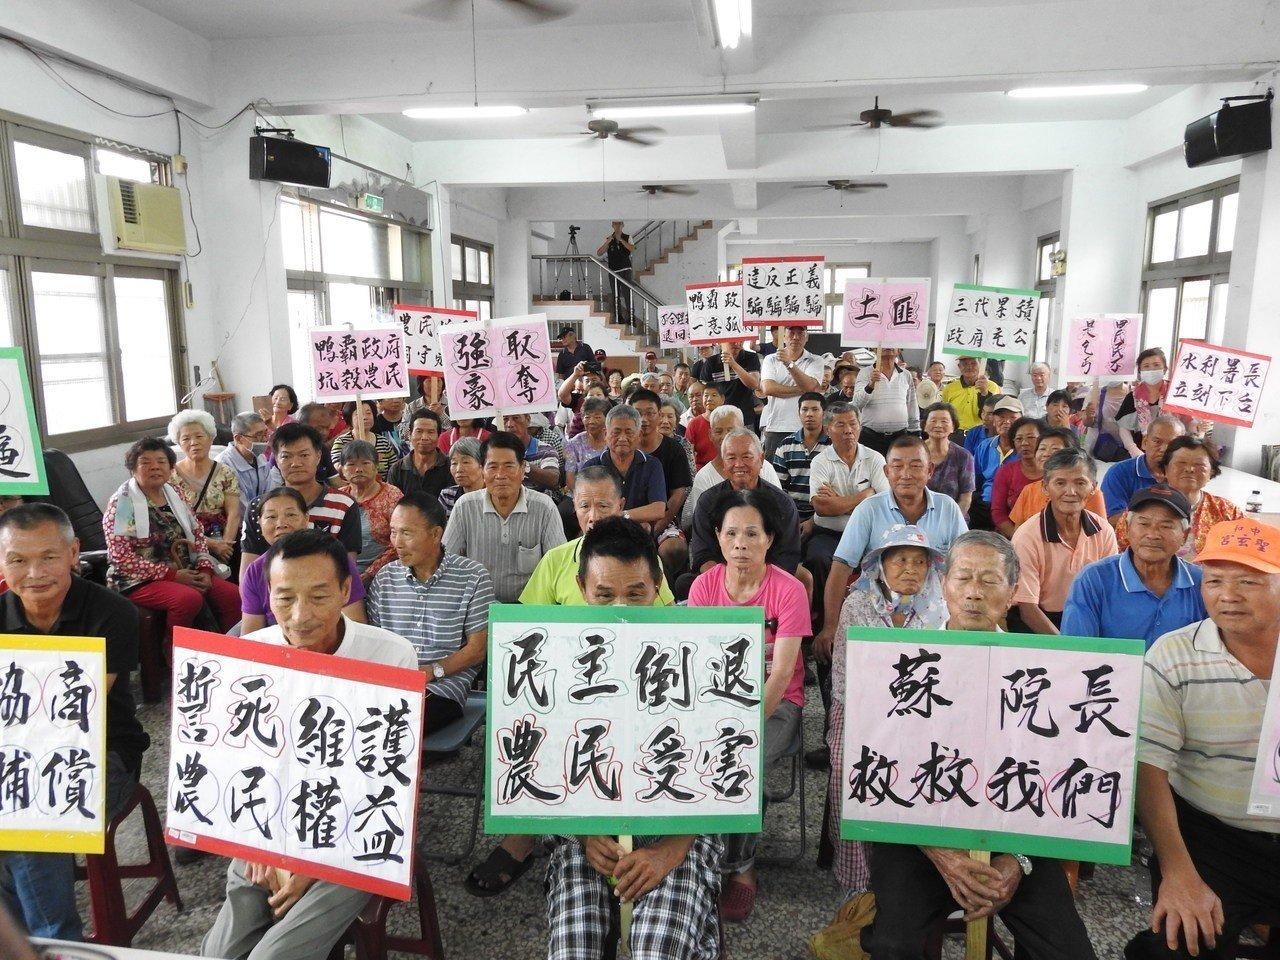 鳥嘴潭公有地救濟金發放 農民抗議補償過低嗆拒領